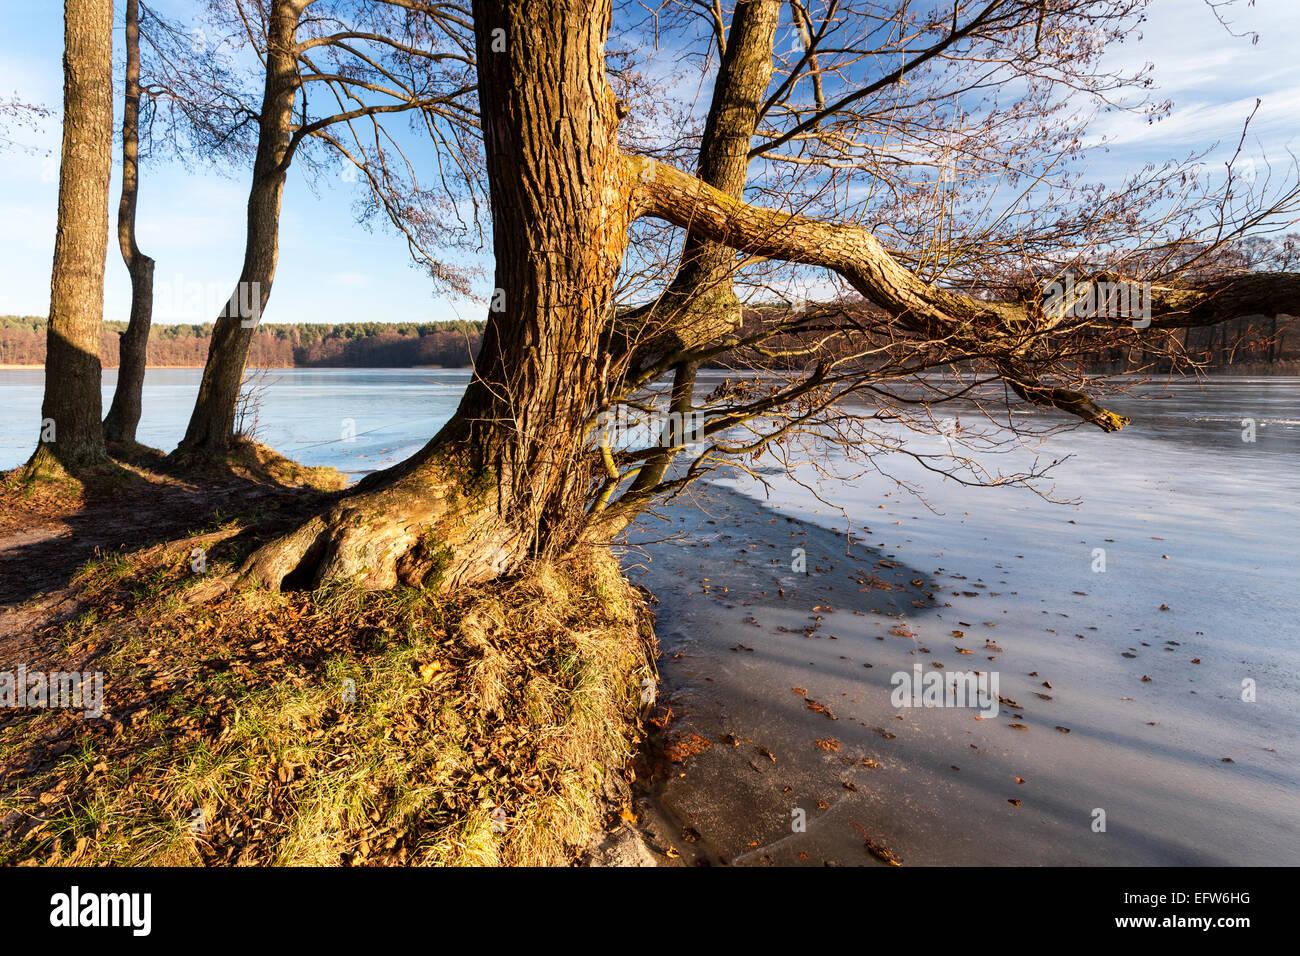 Freezing lake, winter landscape, Masuria, Poland - Stock Image